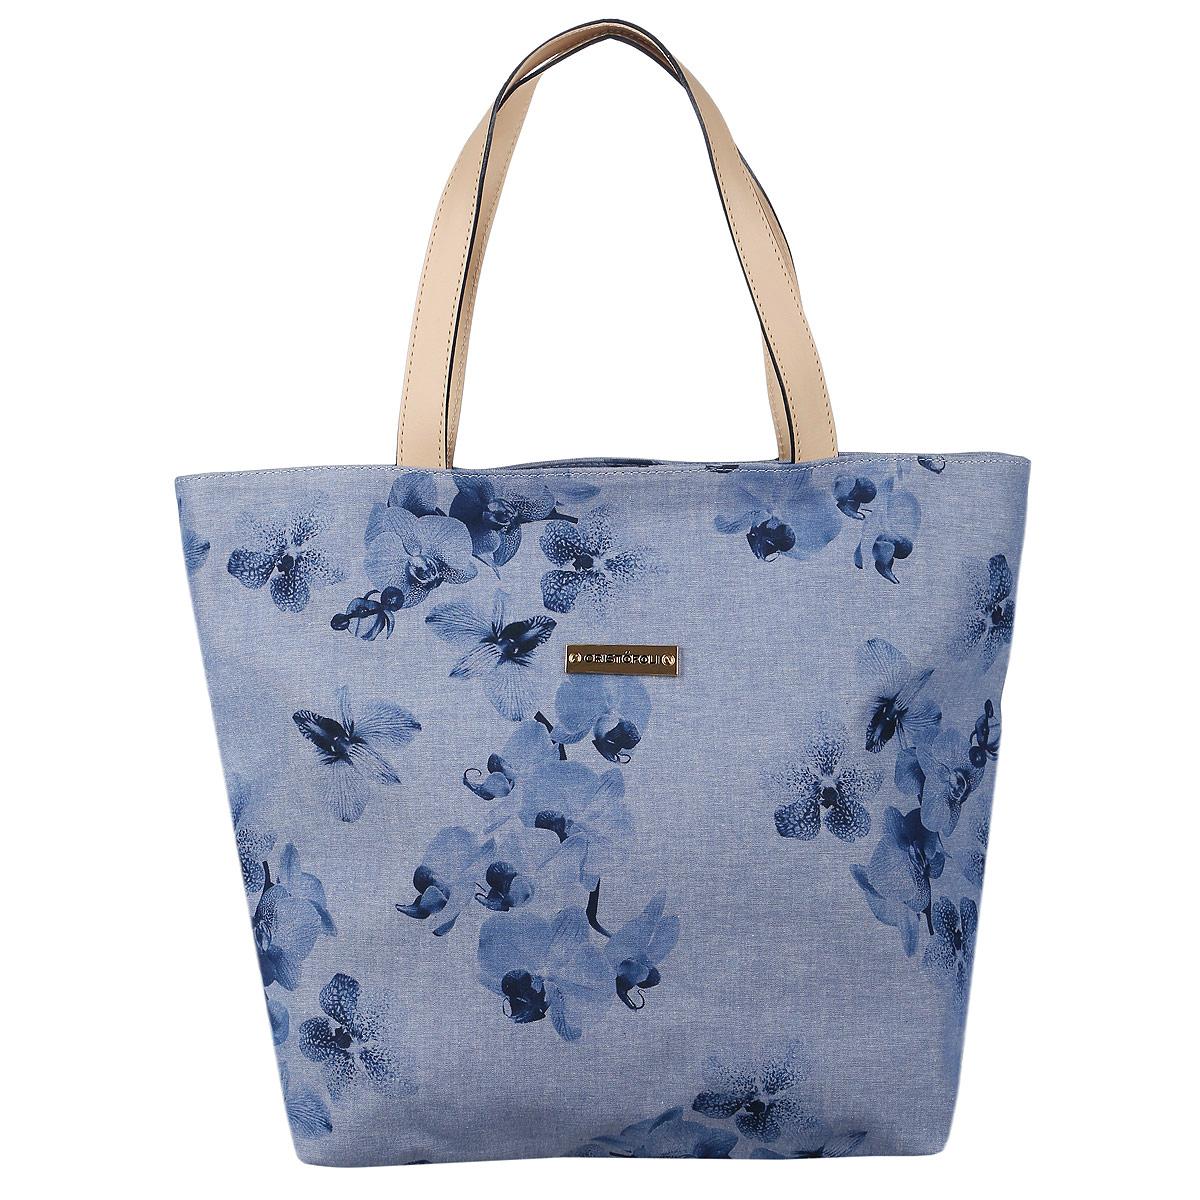 Сумка женская Cristofoli, цвет: синий. 215001215001_синийИзысканная женская сумка Cristofoli выполнена из высококачественного текстиля. Сумка закрывается на металлическую застежку-молнию. Внутри - большое отделение и открытый накладной карман для мелочей. Эта оригинальная сумка внесет элегантные нотки в ваш образ и подчеркнет ваше отменное чувство стиля.